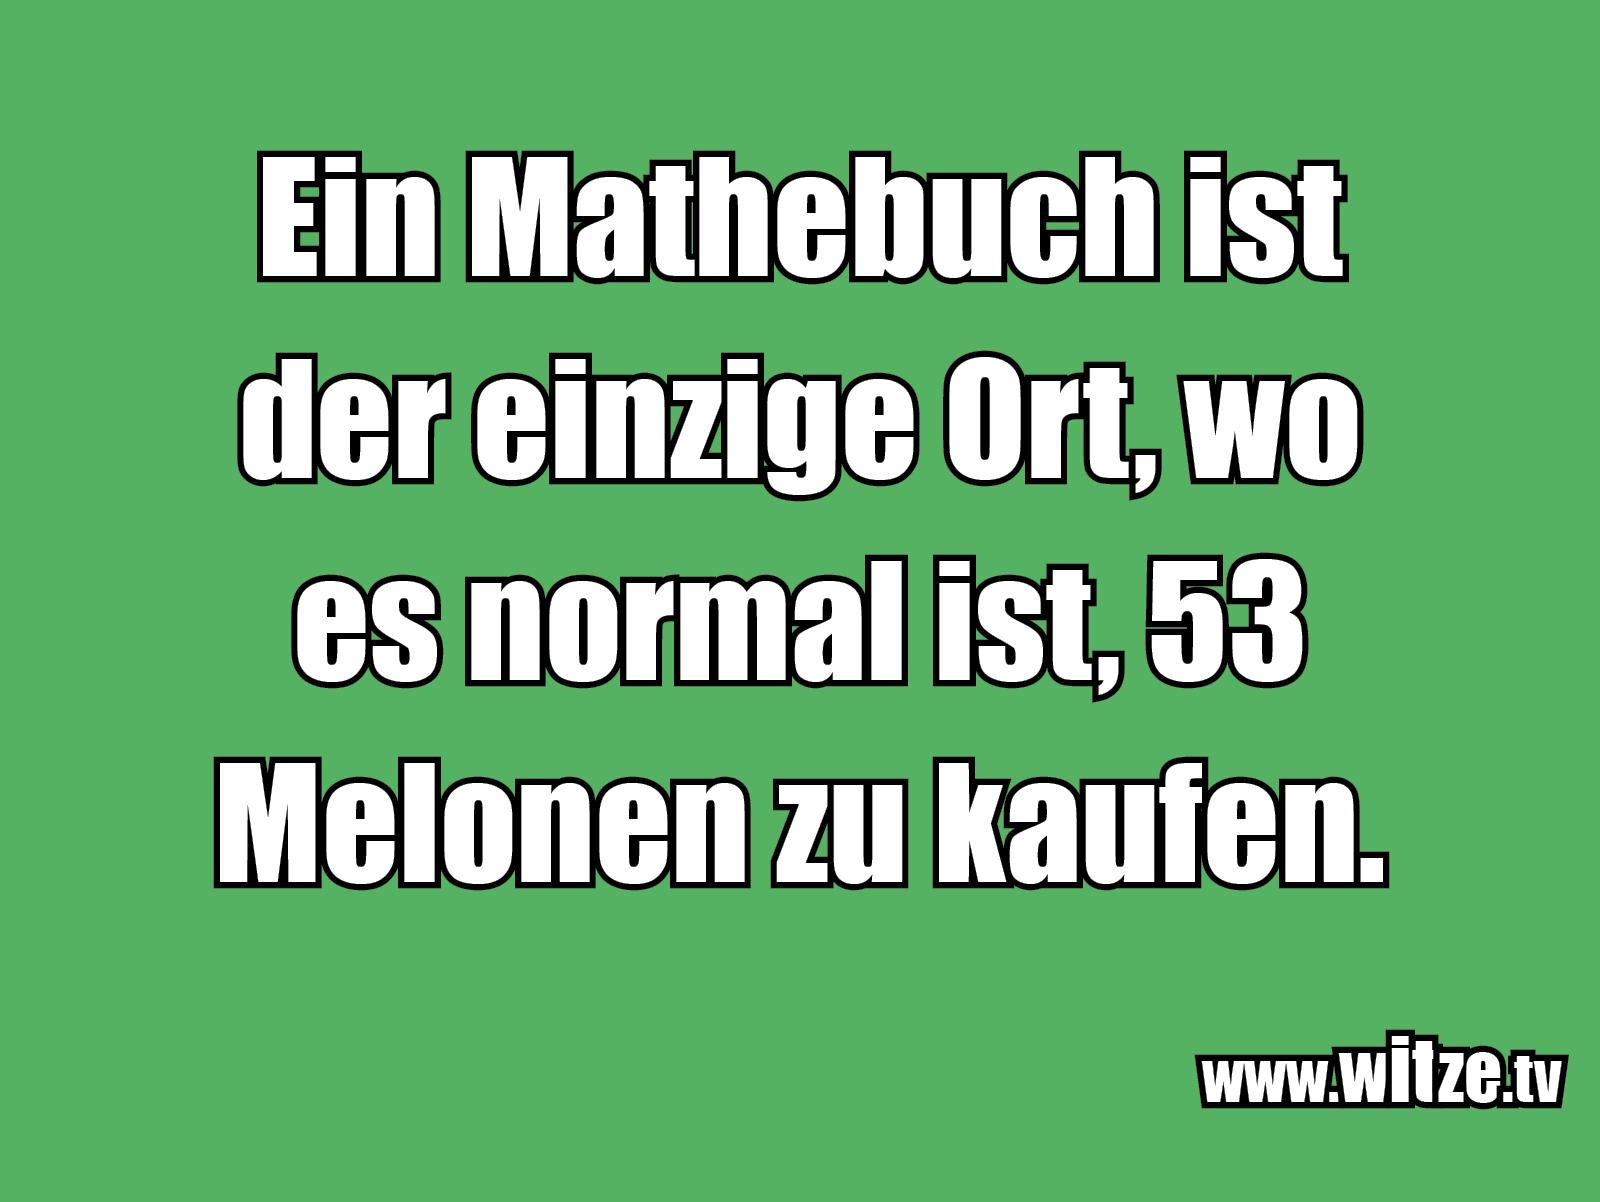 Witz über... Ein Mathebuch ist der einzige...